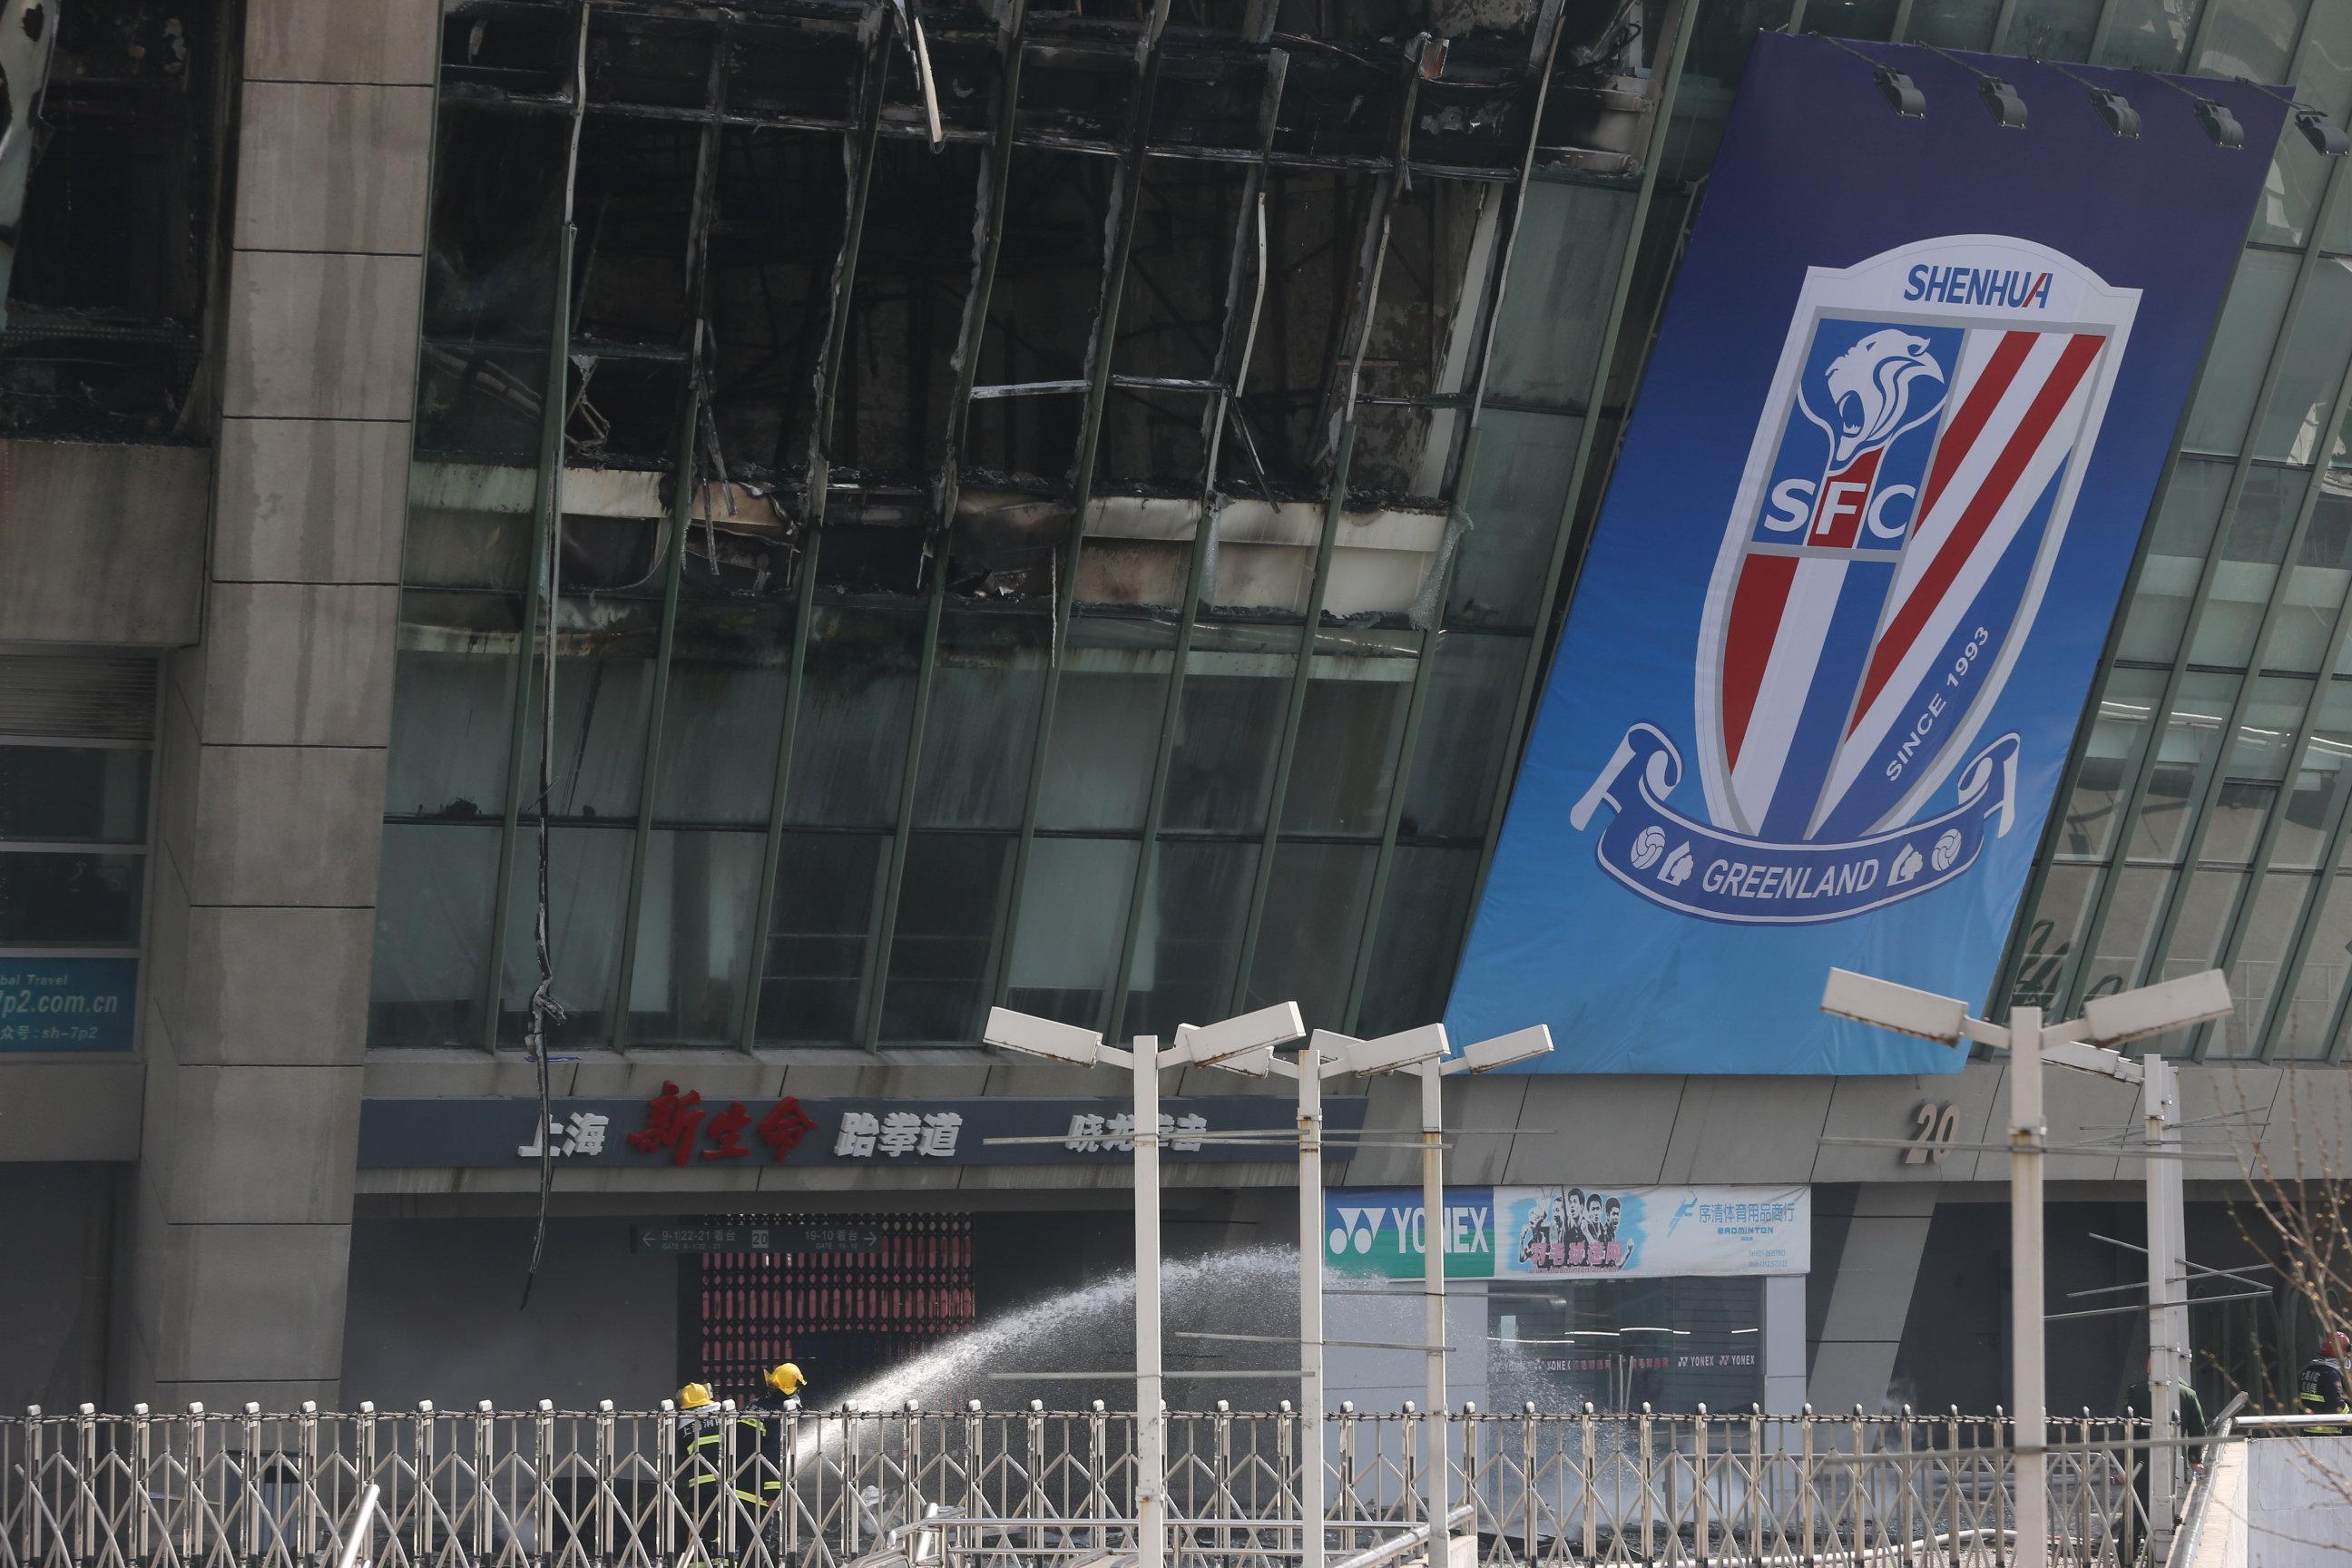 اندلاع حريق فى ستاد هونجكو شنجهاى بالصين